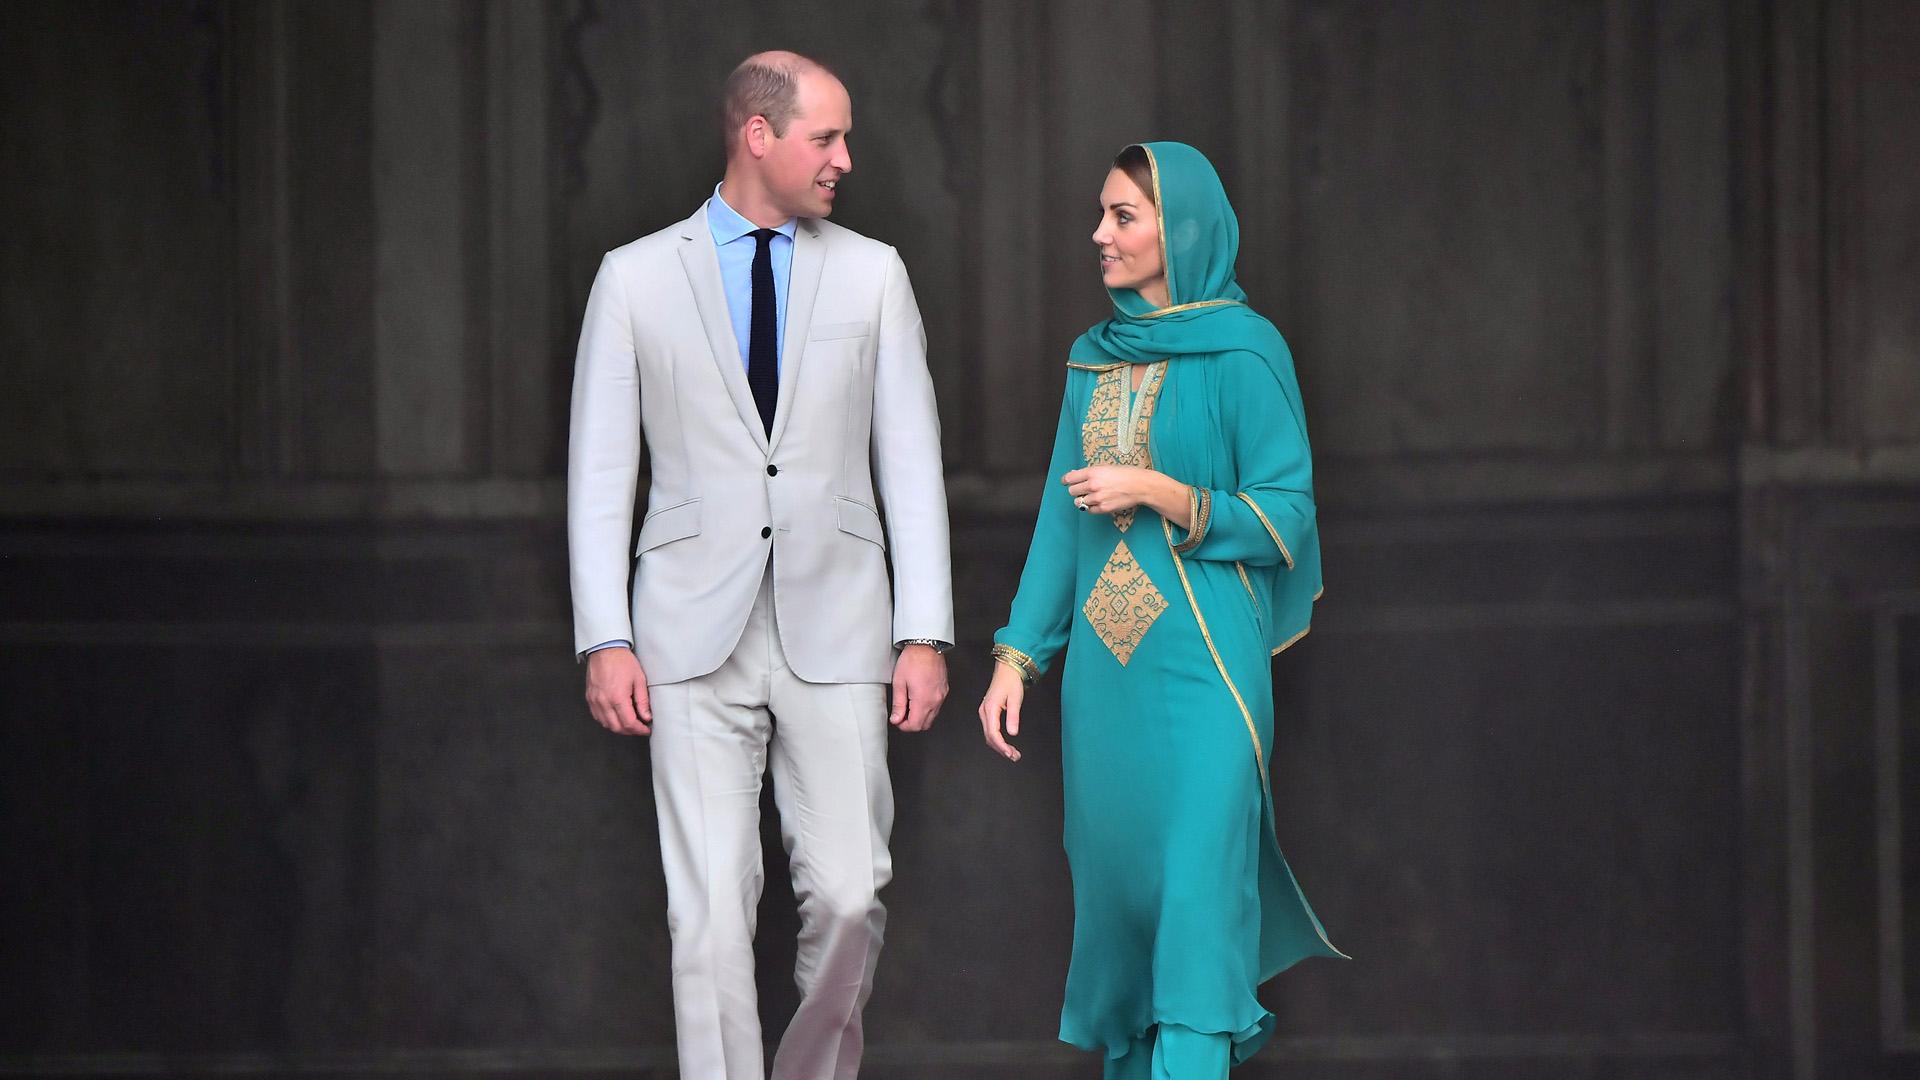 Vilmos herceg és Katalin hercegné Pakisztánban 2019-ben